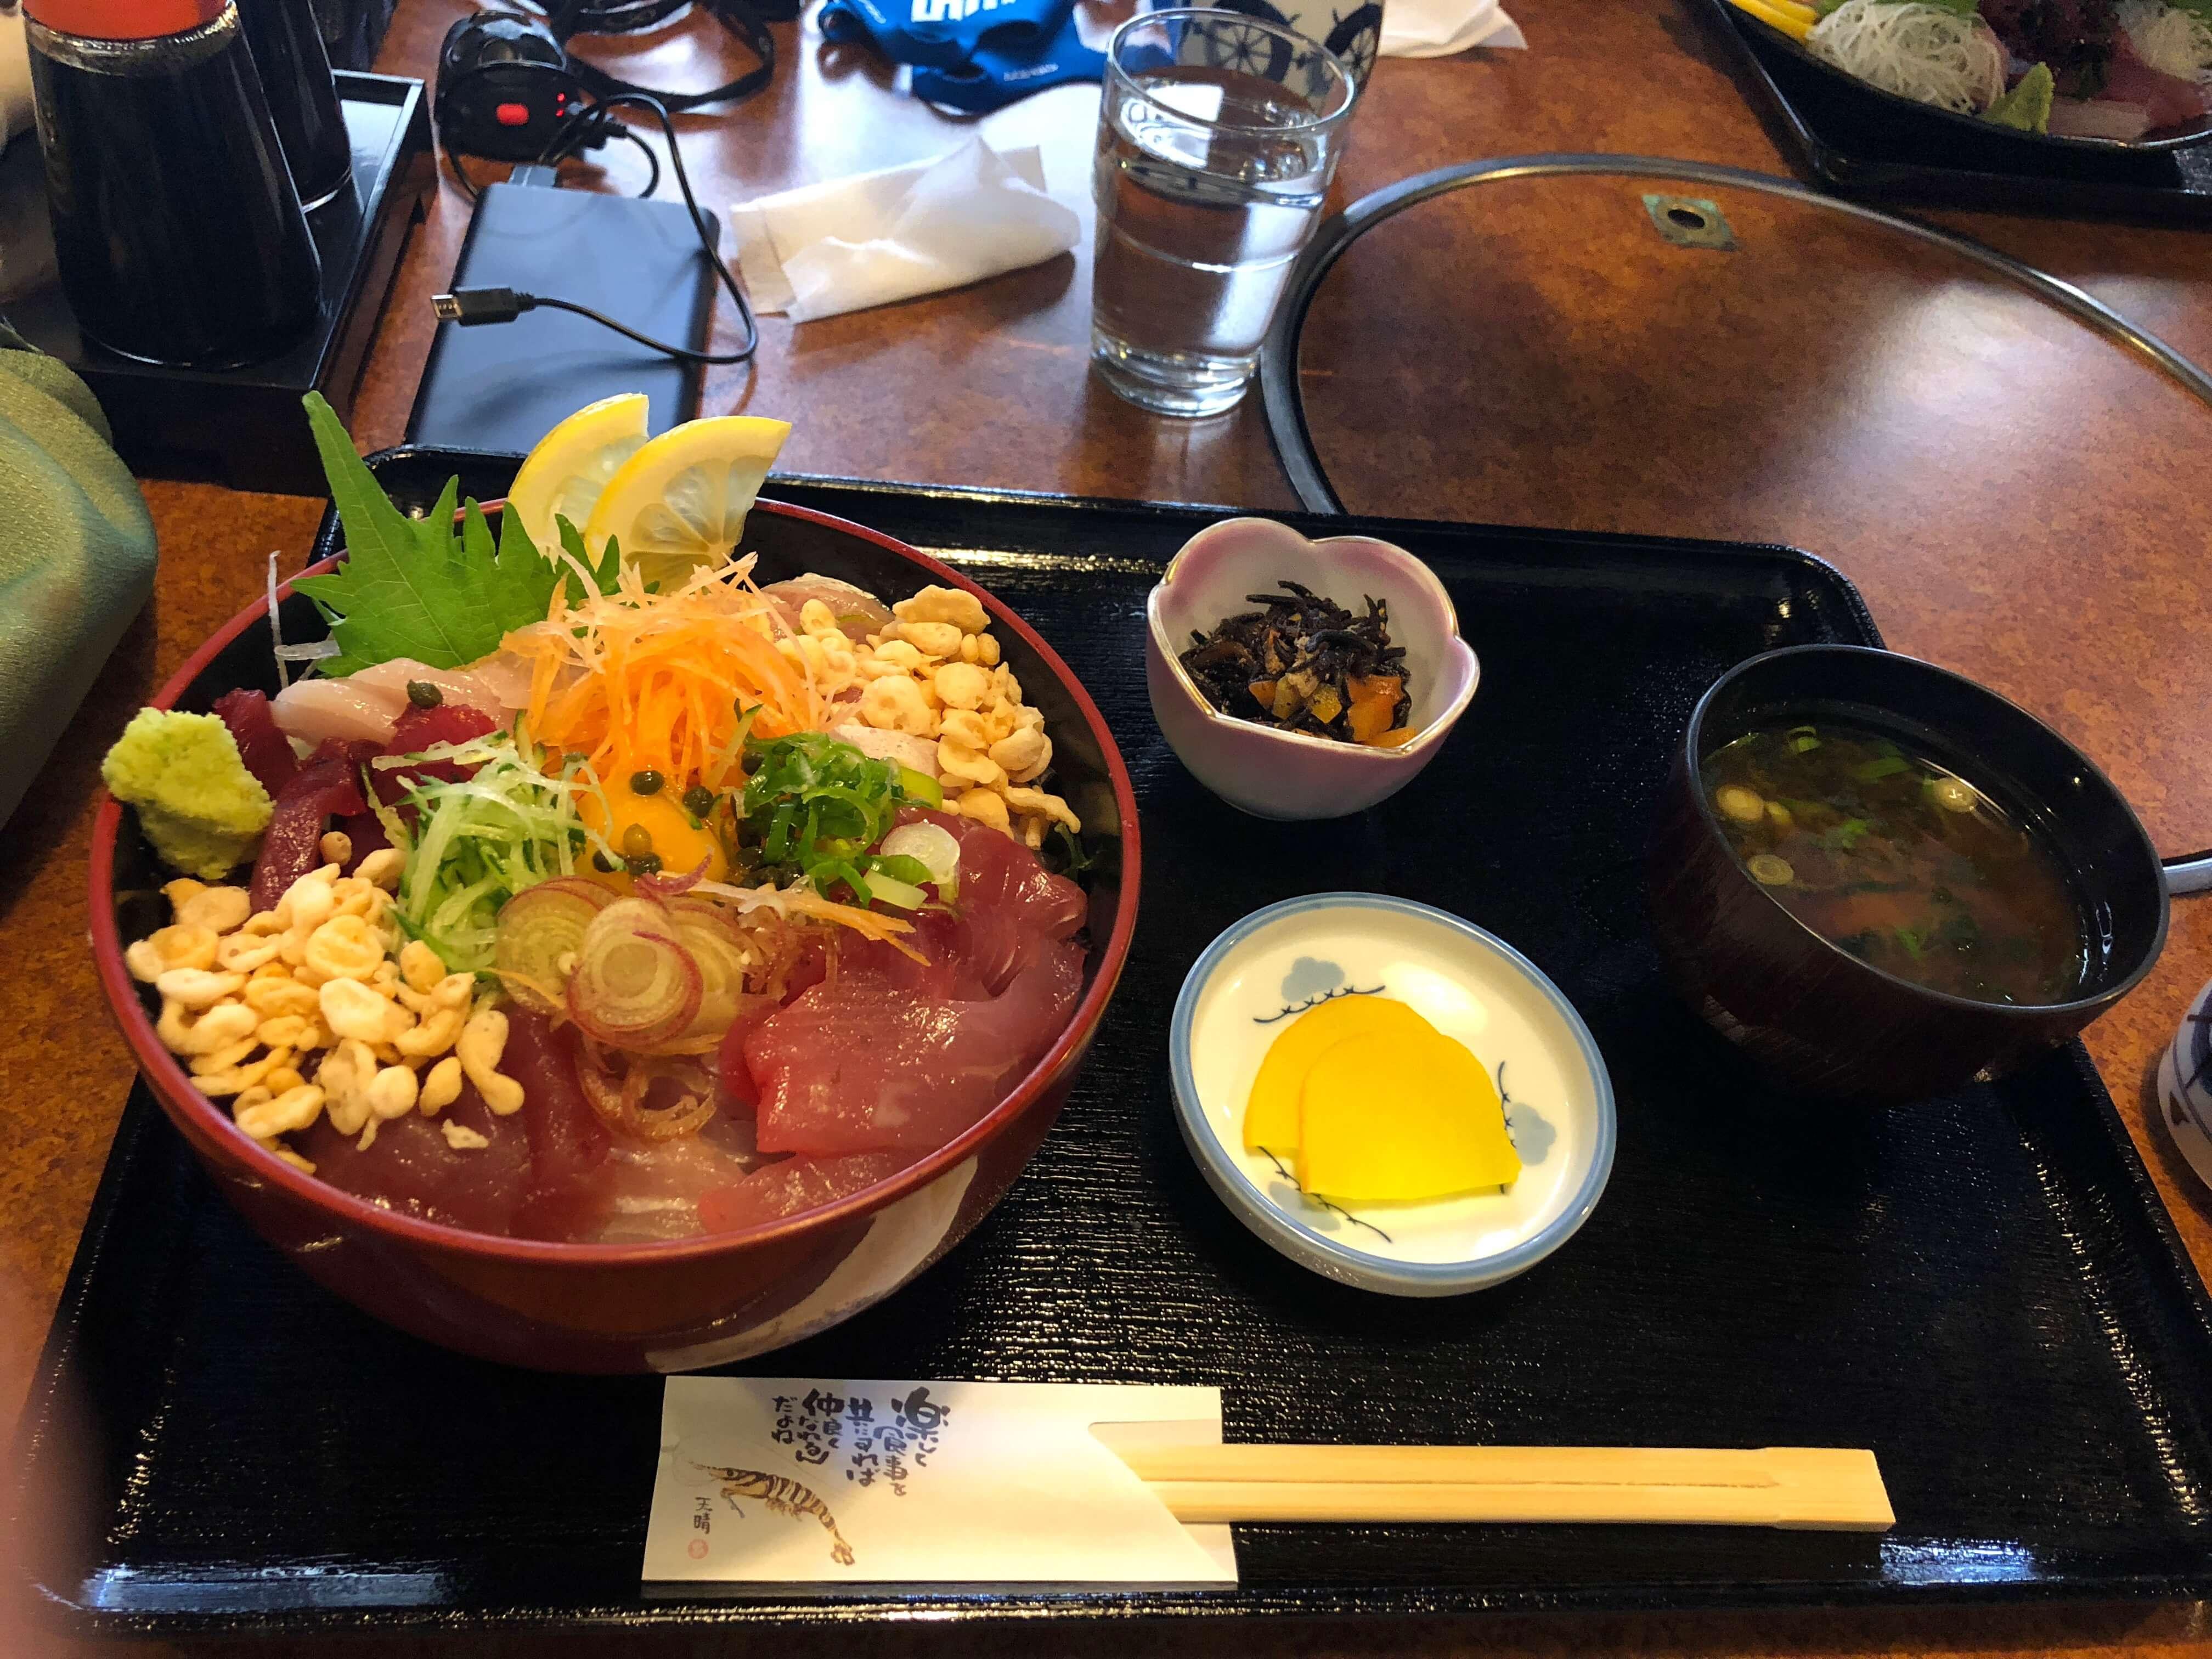 紀伊長島ツーリング おさしみ処 ぷくぷく 海鮮 ランチ 丼